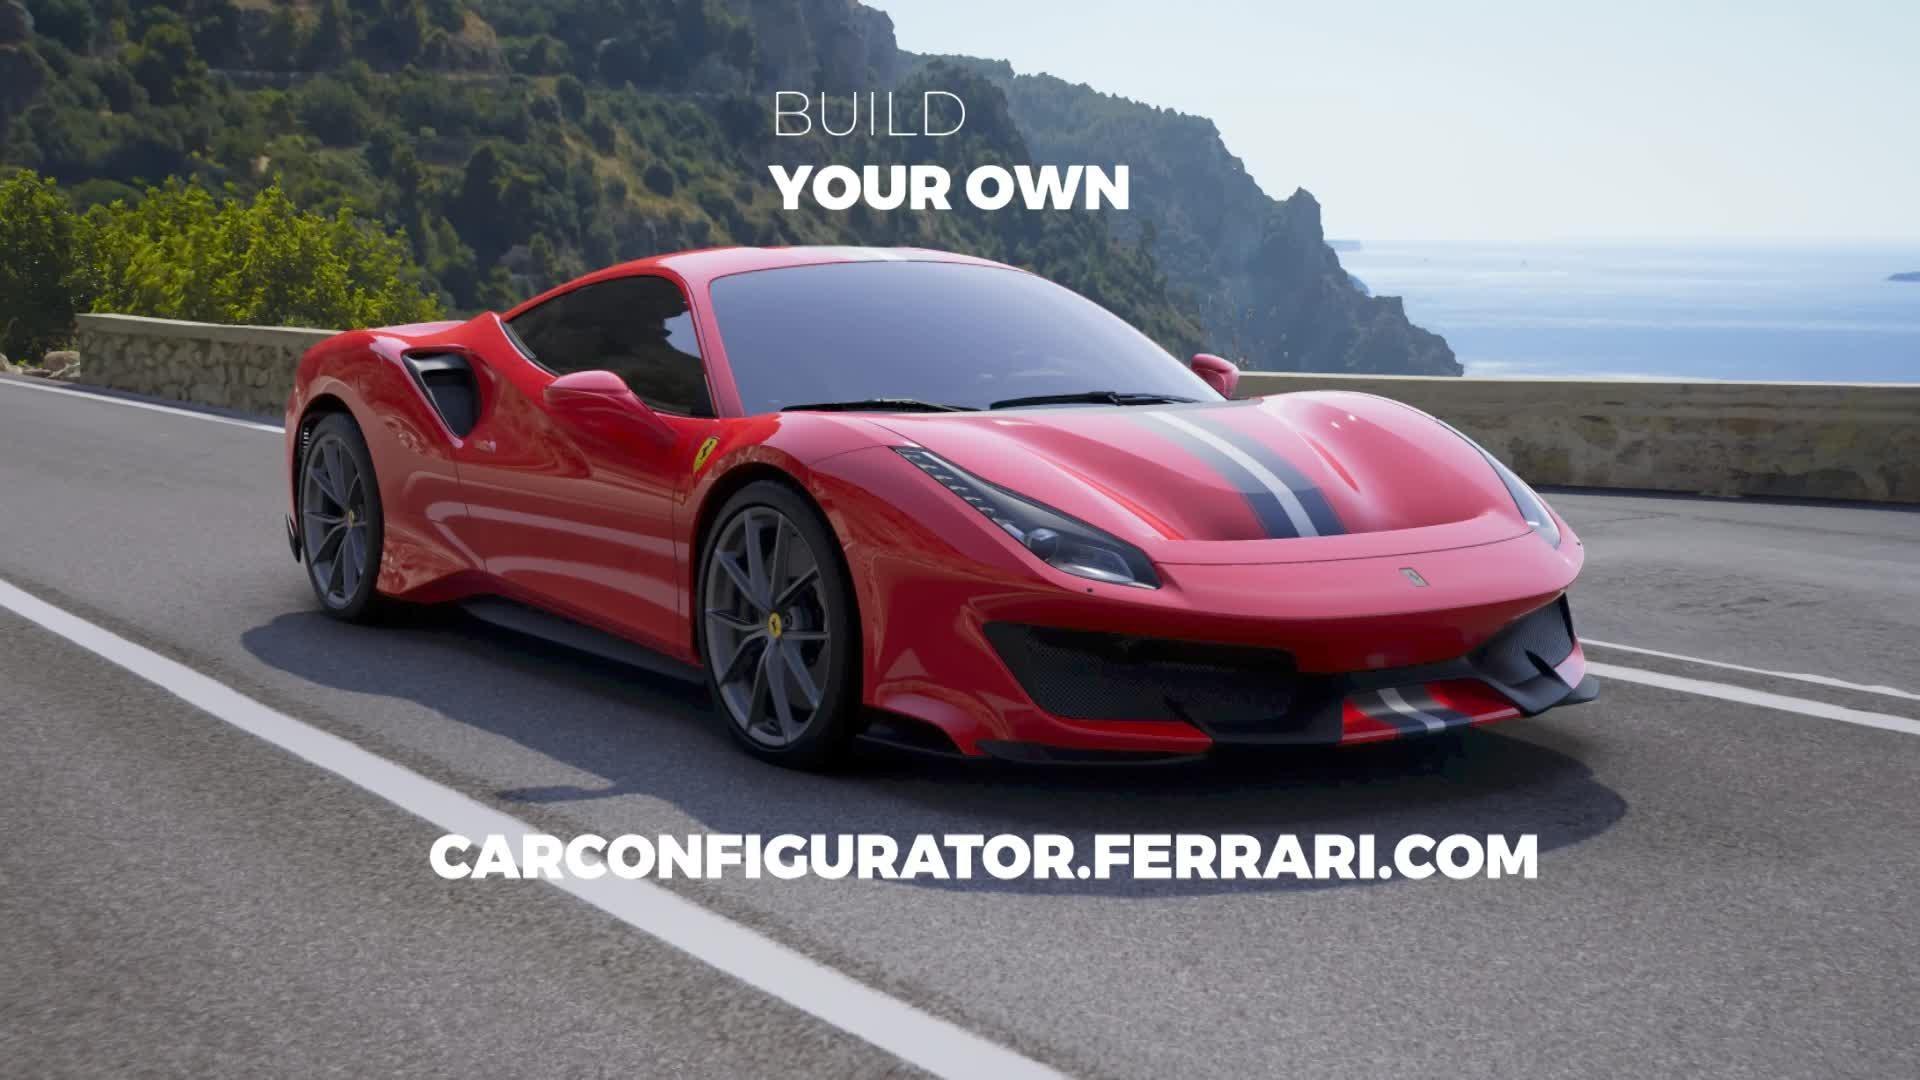 Create Your Own Ferrari